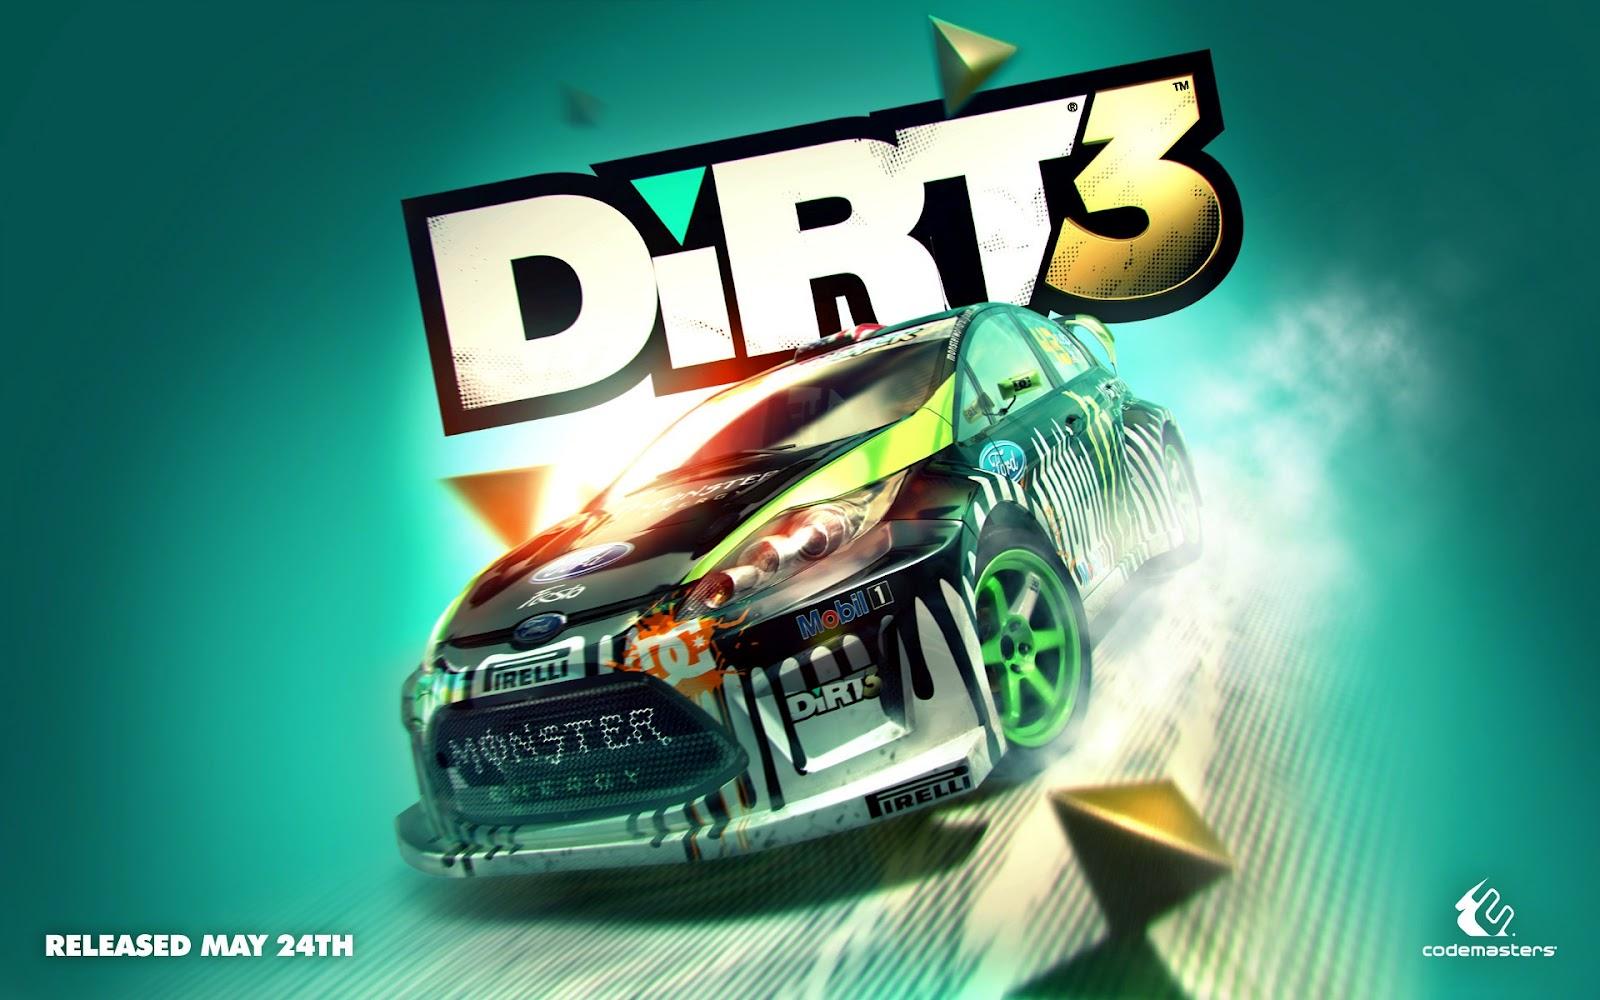 http://1.bp.blogspot.com/-TLvHIUXX-1M/T753DZw6ejI/AAAAAAAABmg/FBYOTDzYxeE/s1600/2011_dirt_3_game-wide.jpg